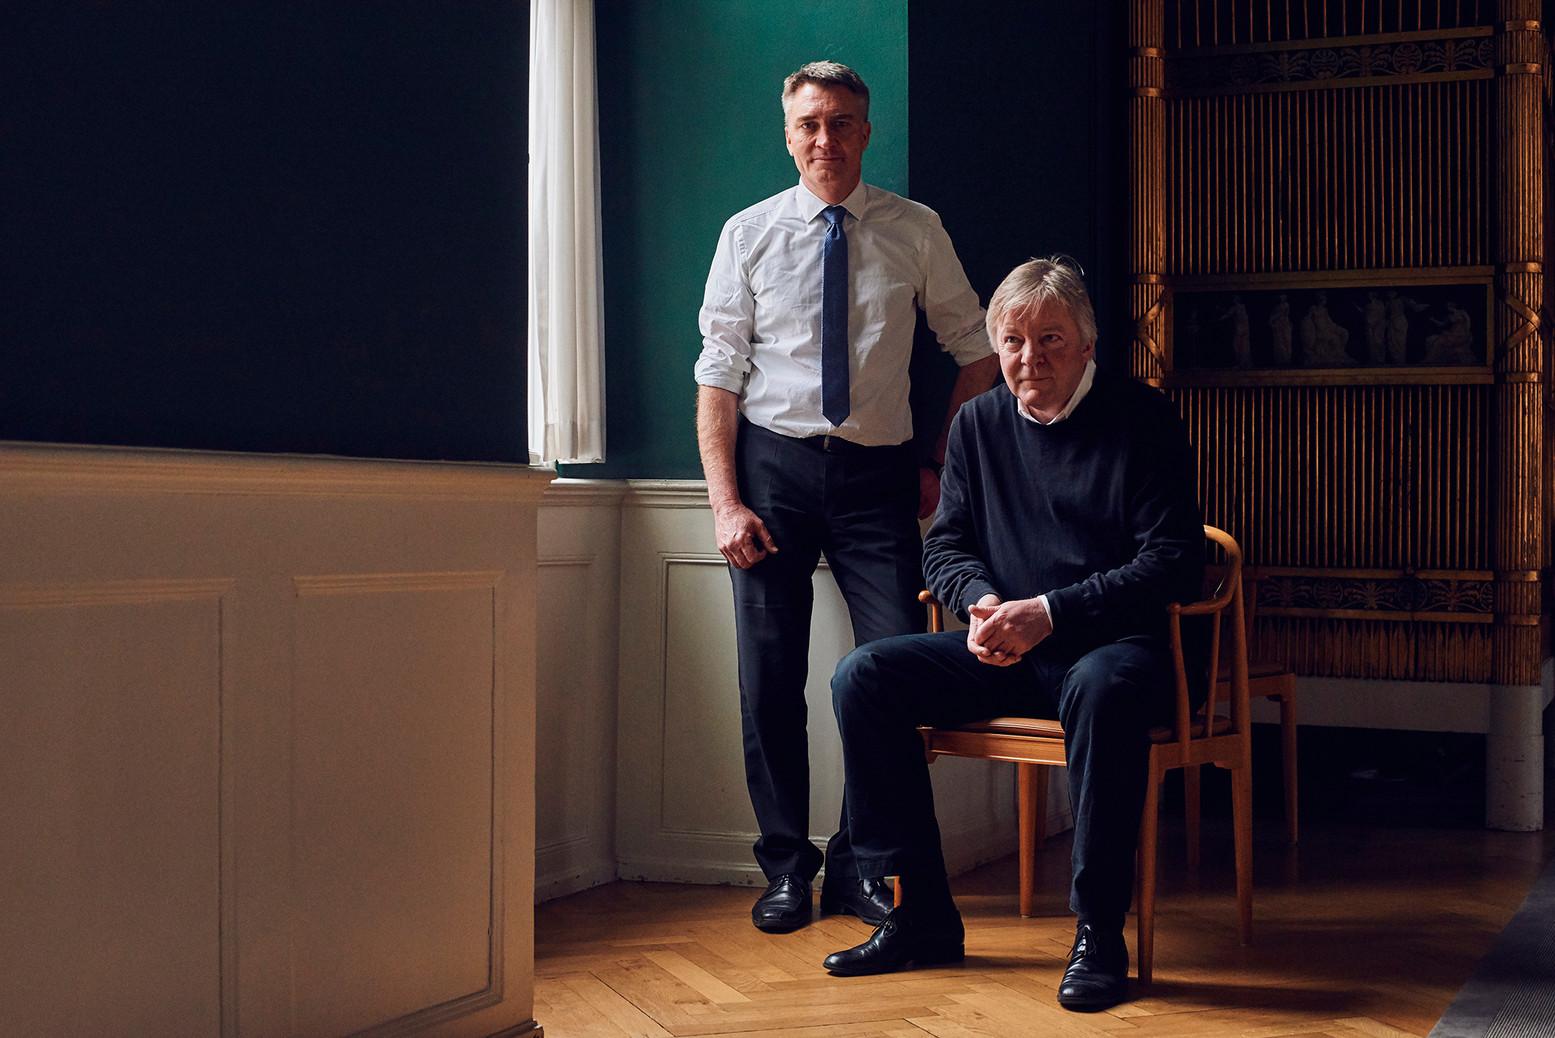 Head of Department of the Danish Finance Ministry, Mads Kieler and Lars Haagen Pedersen